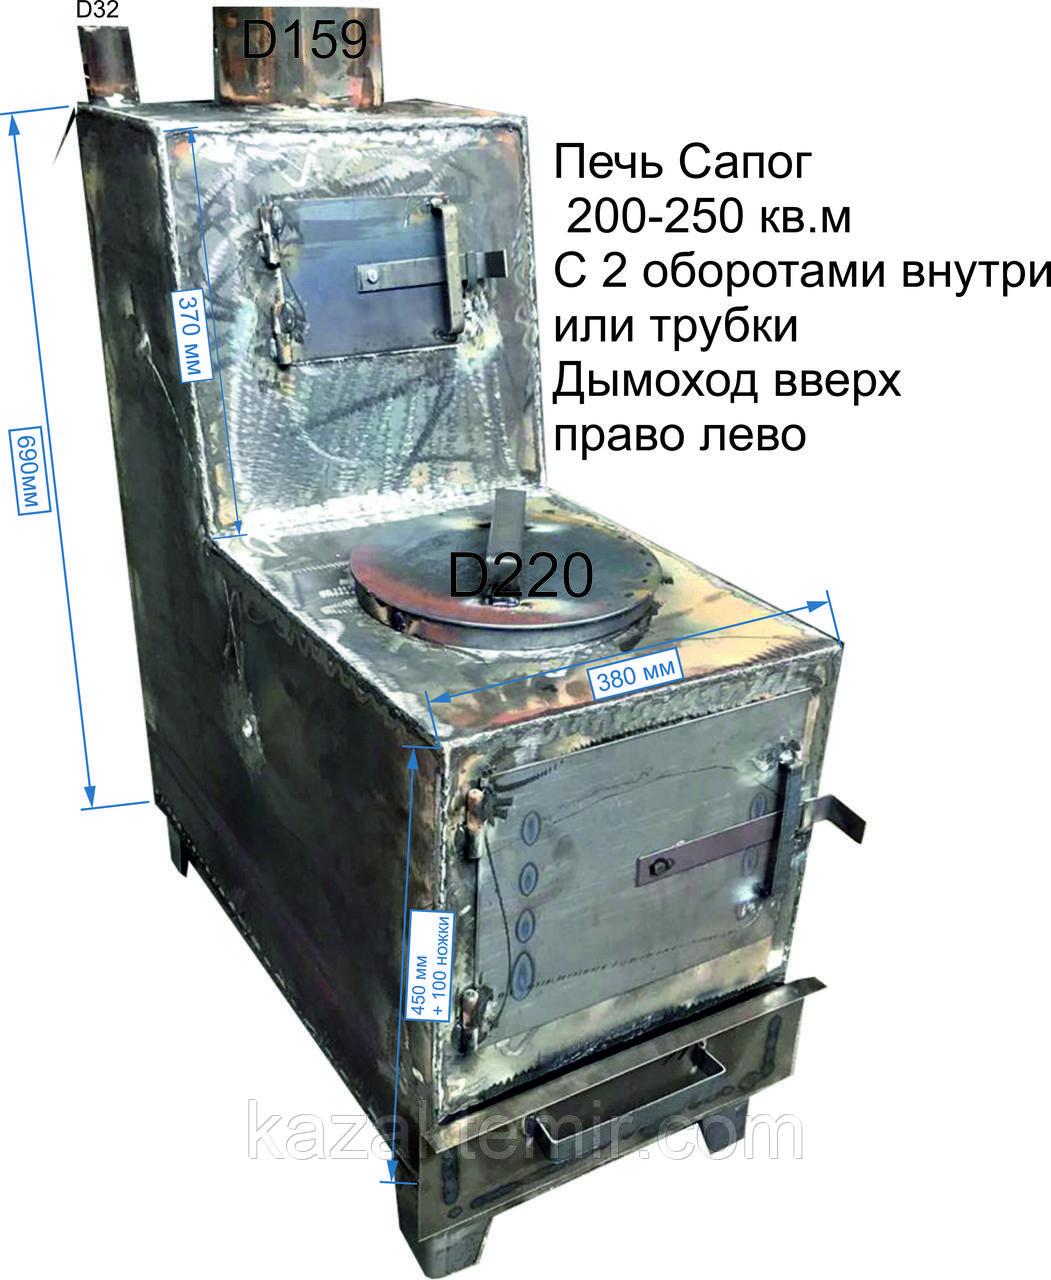 """Печь """"Сапог"""" 250 кв.м двумя оборотами внутри"""